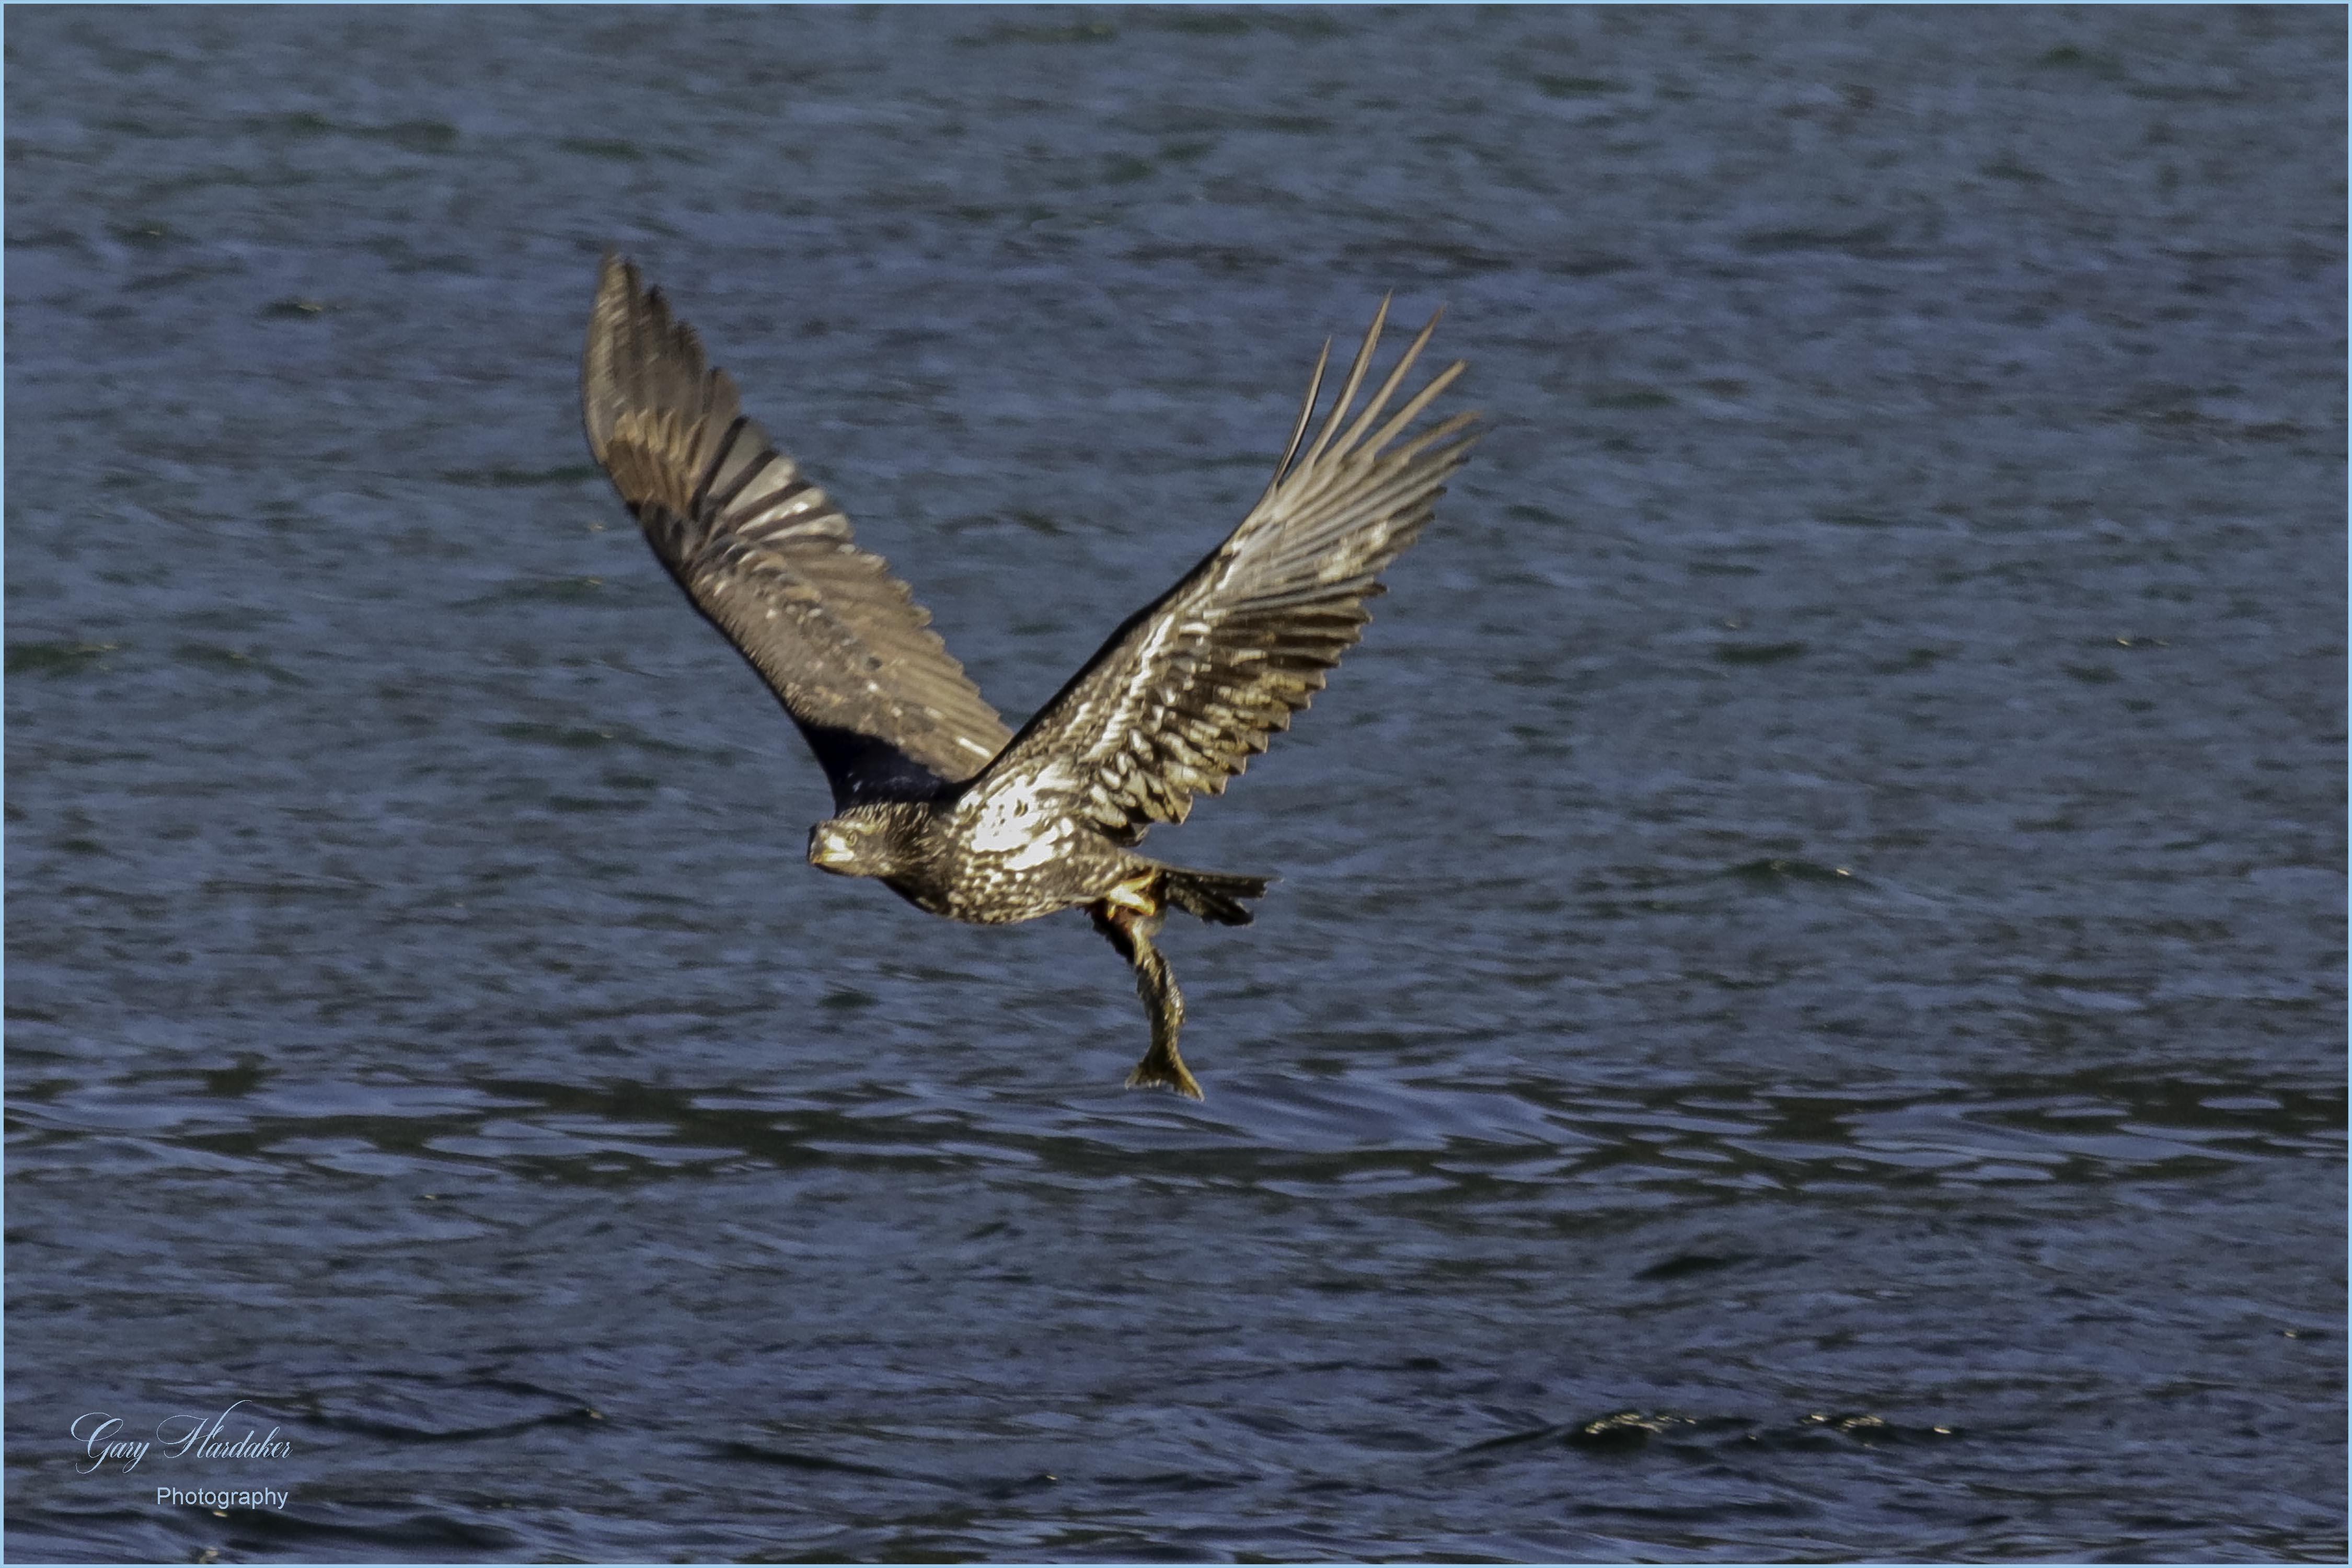 Bald Eagle with Fish- Gary Hardaker